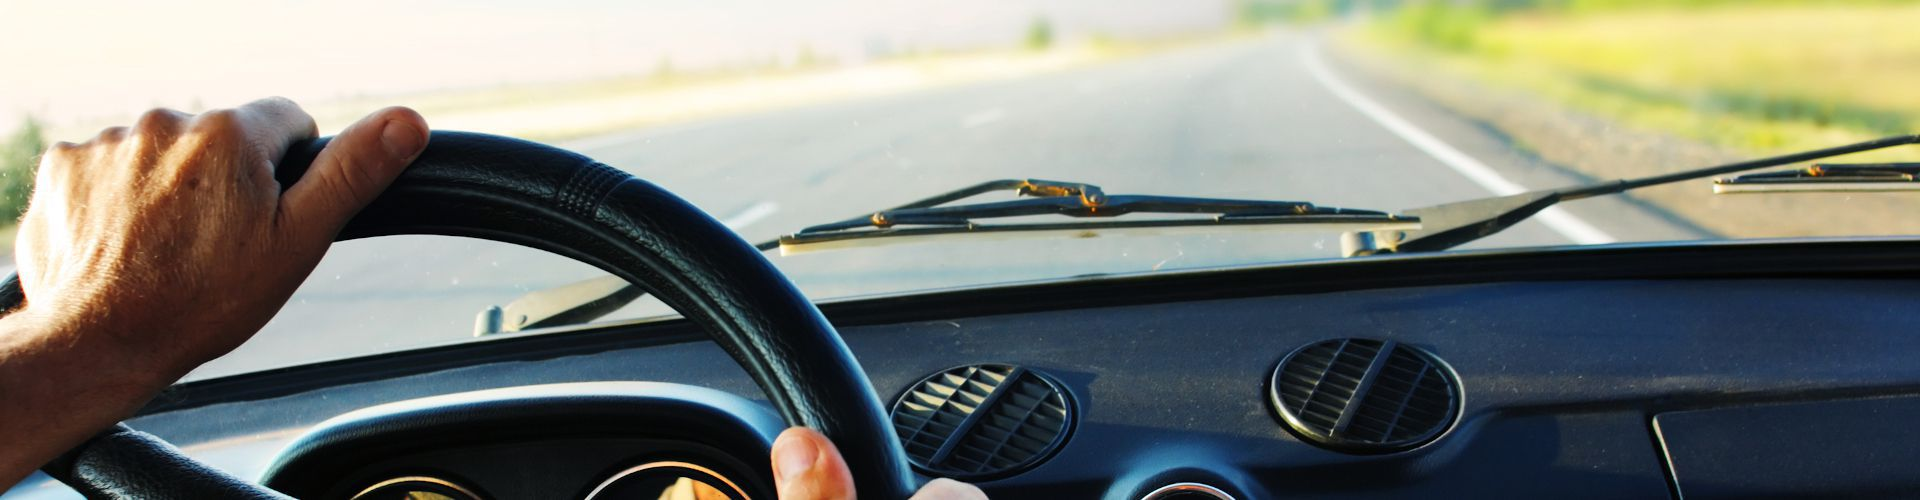 Driving in Crete - Rent a Car in Crete